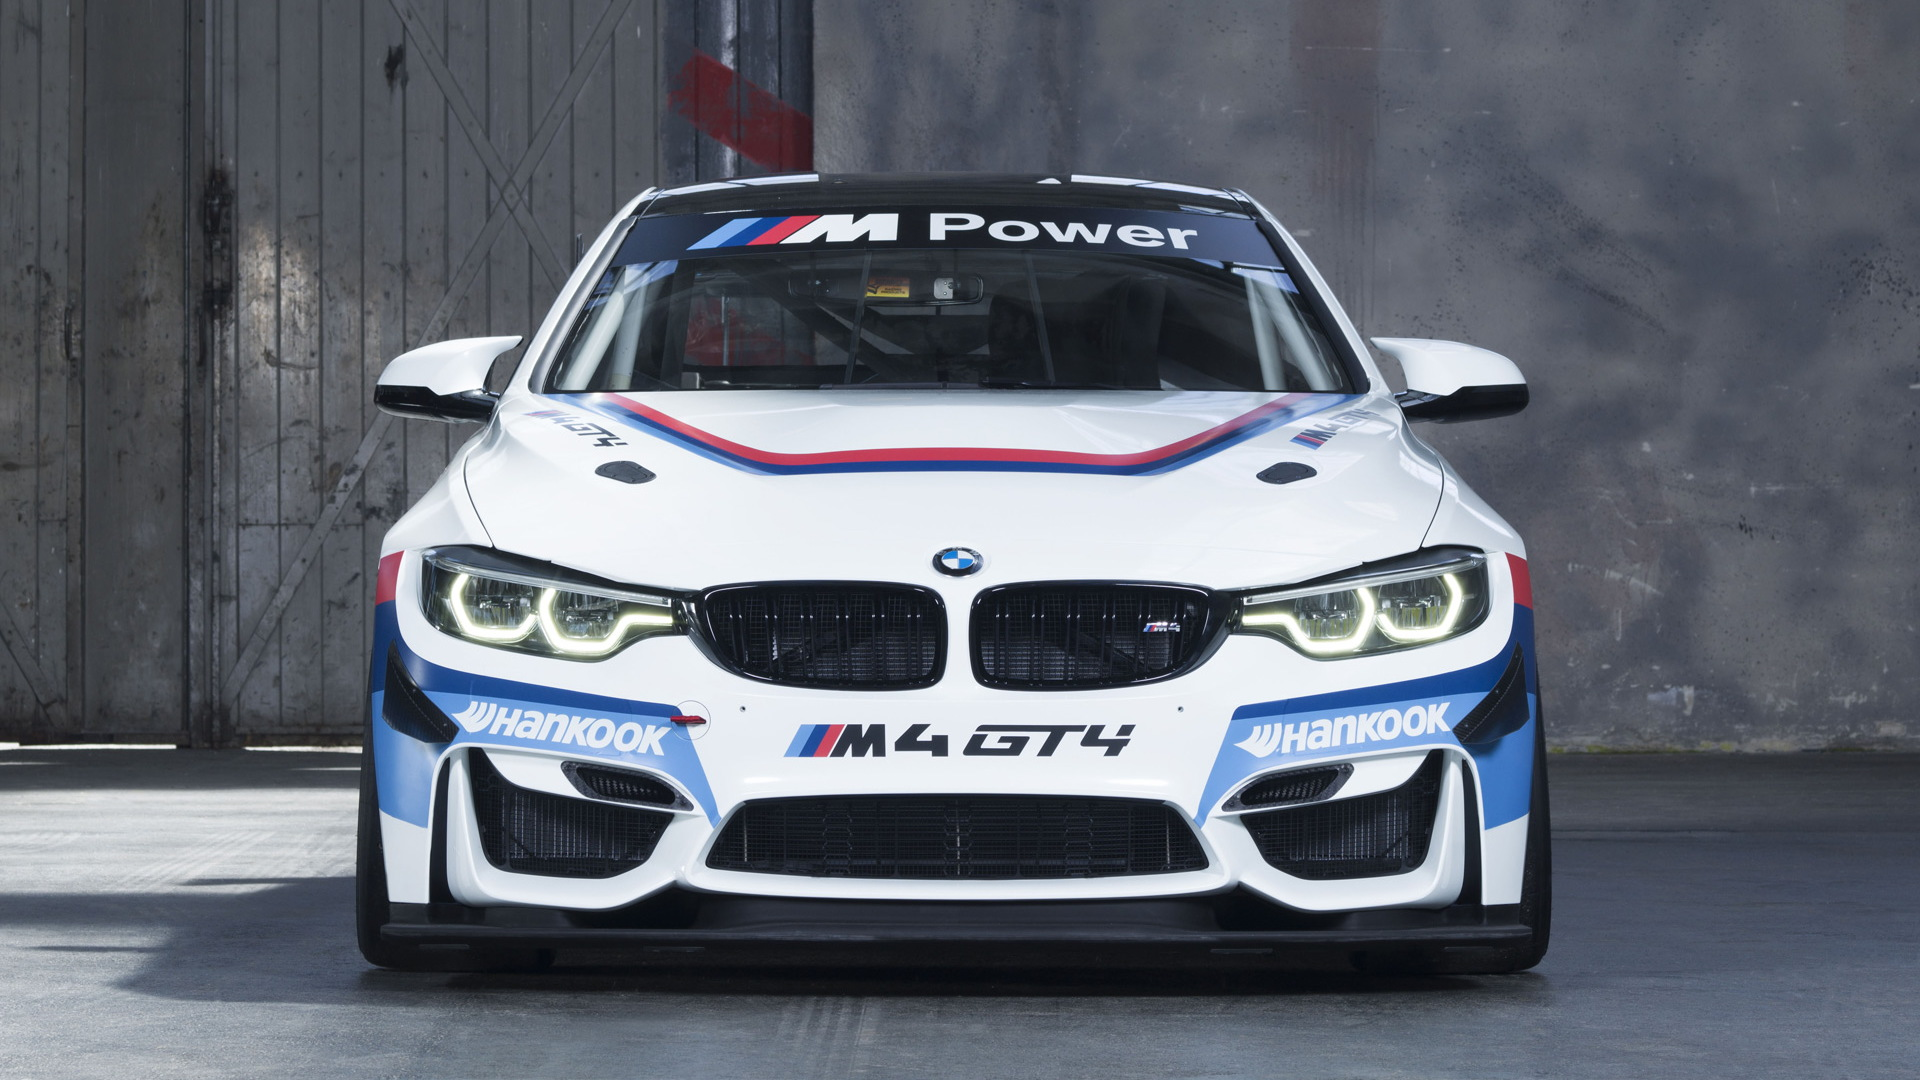 2018 BMW M4 GT4 race car